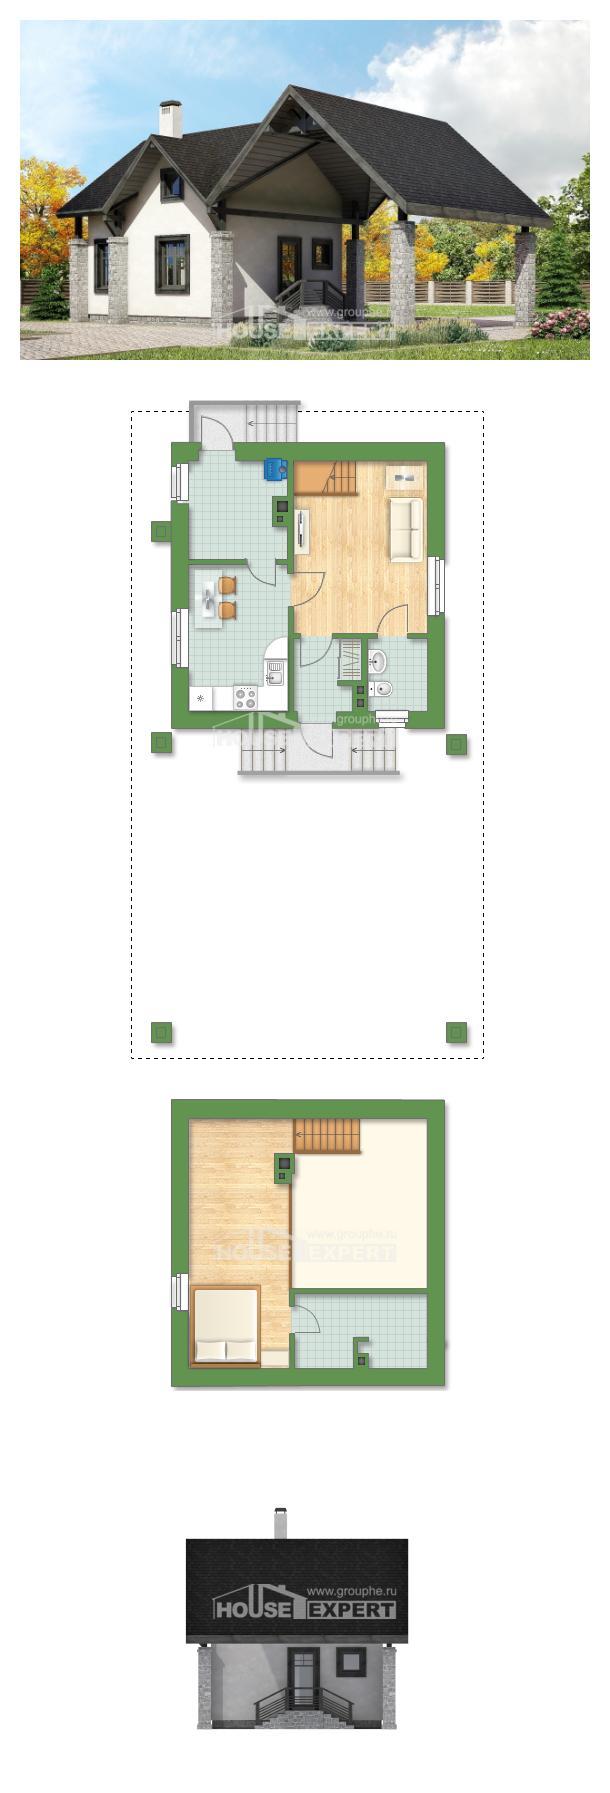 Plan 060-001-R | House Expert